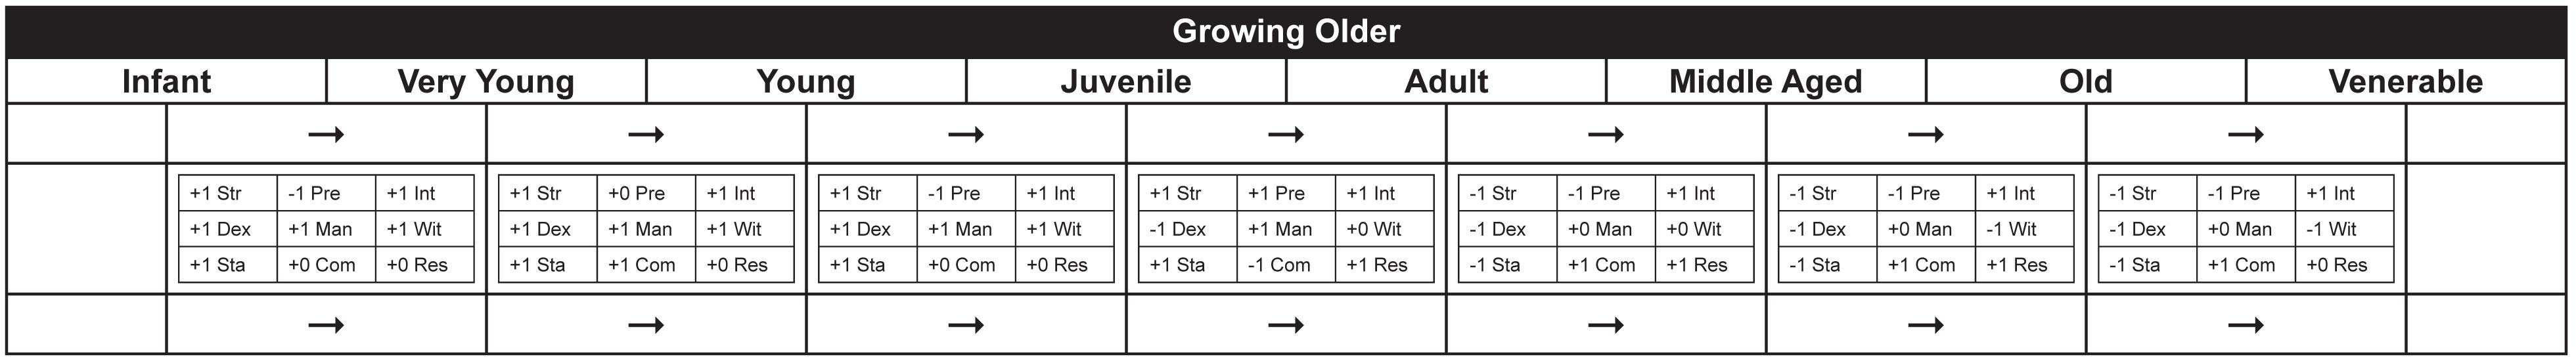 growing_older.jpg